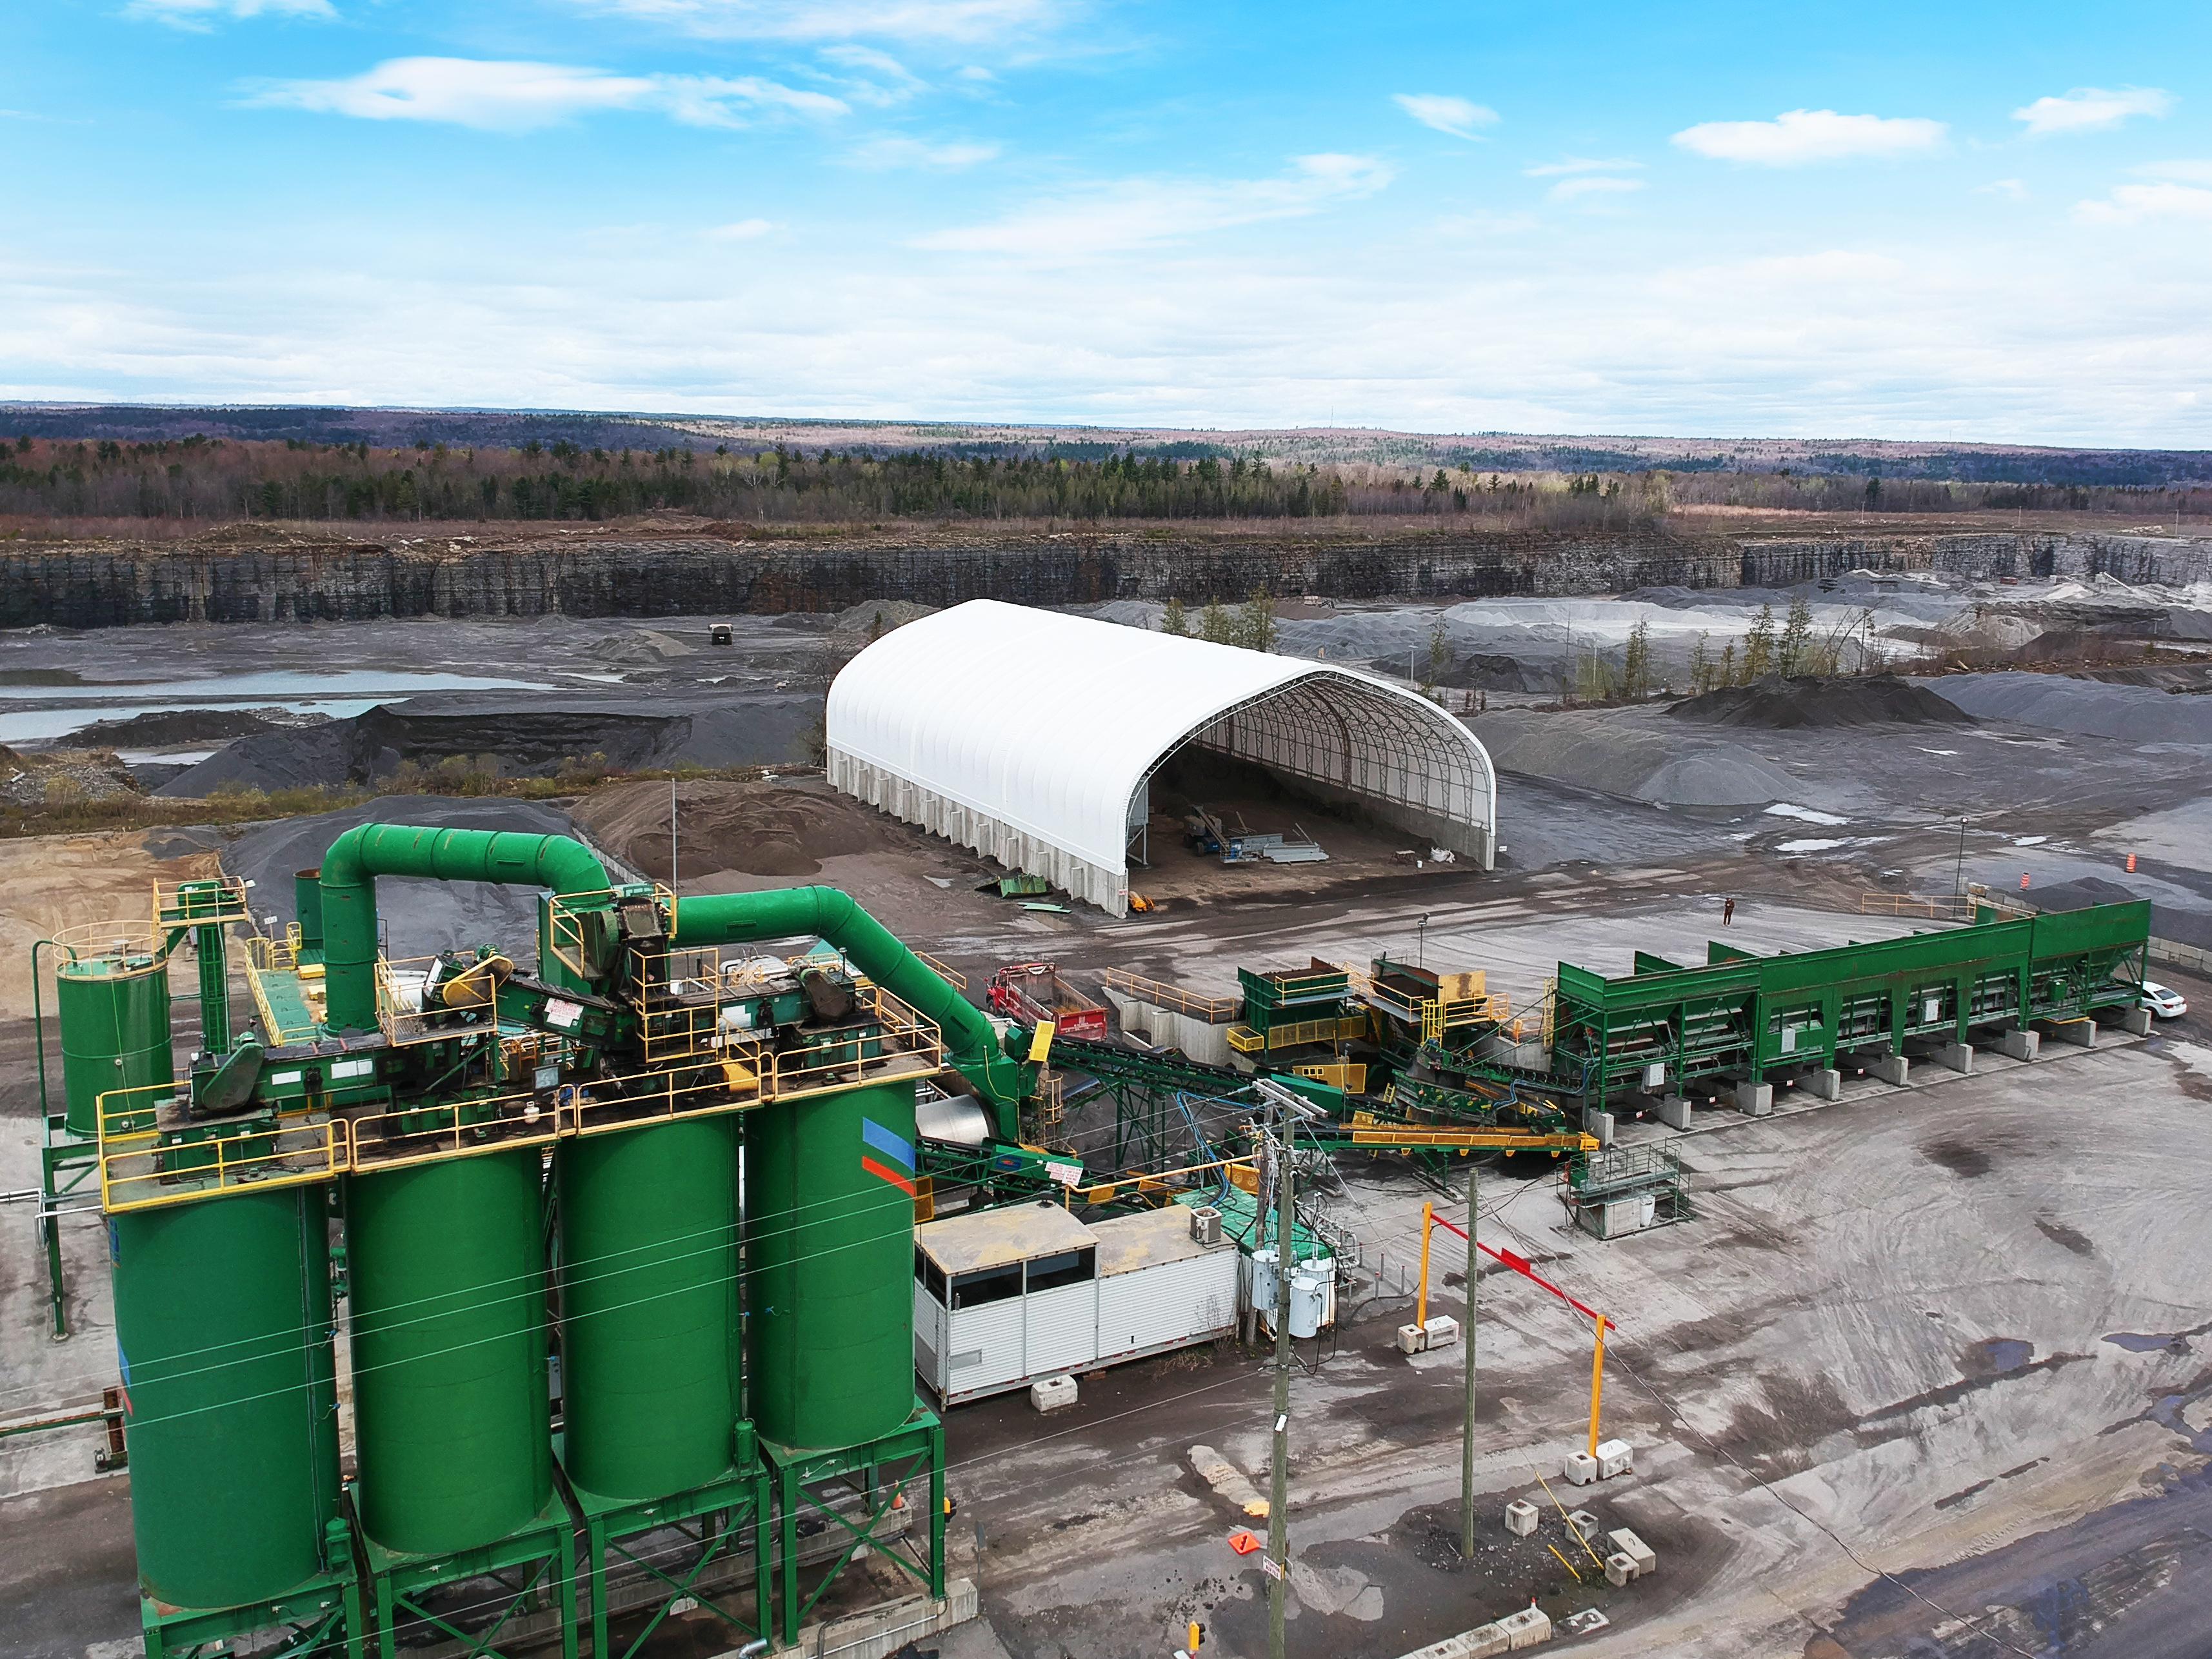 Permodome vue aérienne dans un terrain minier